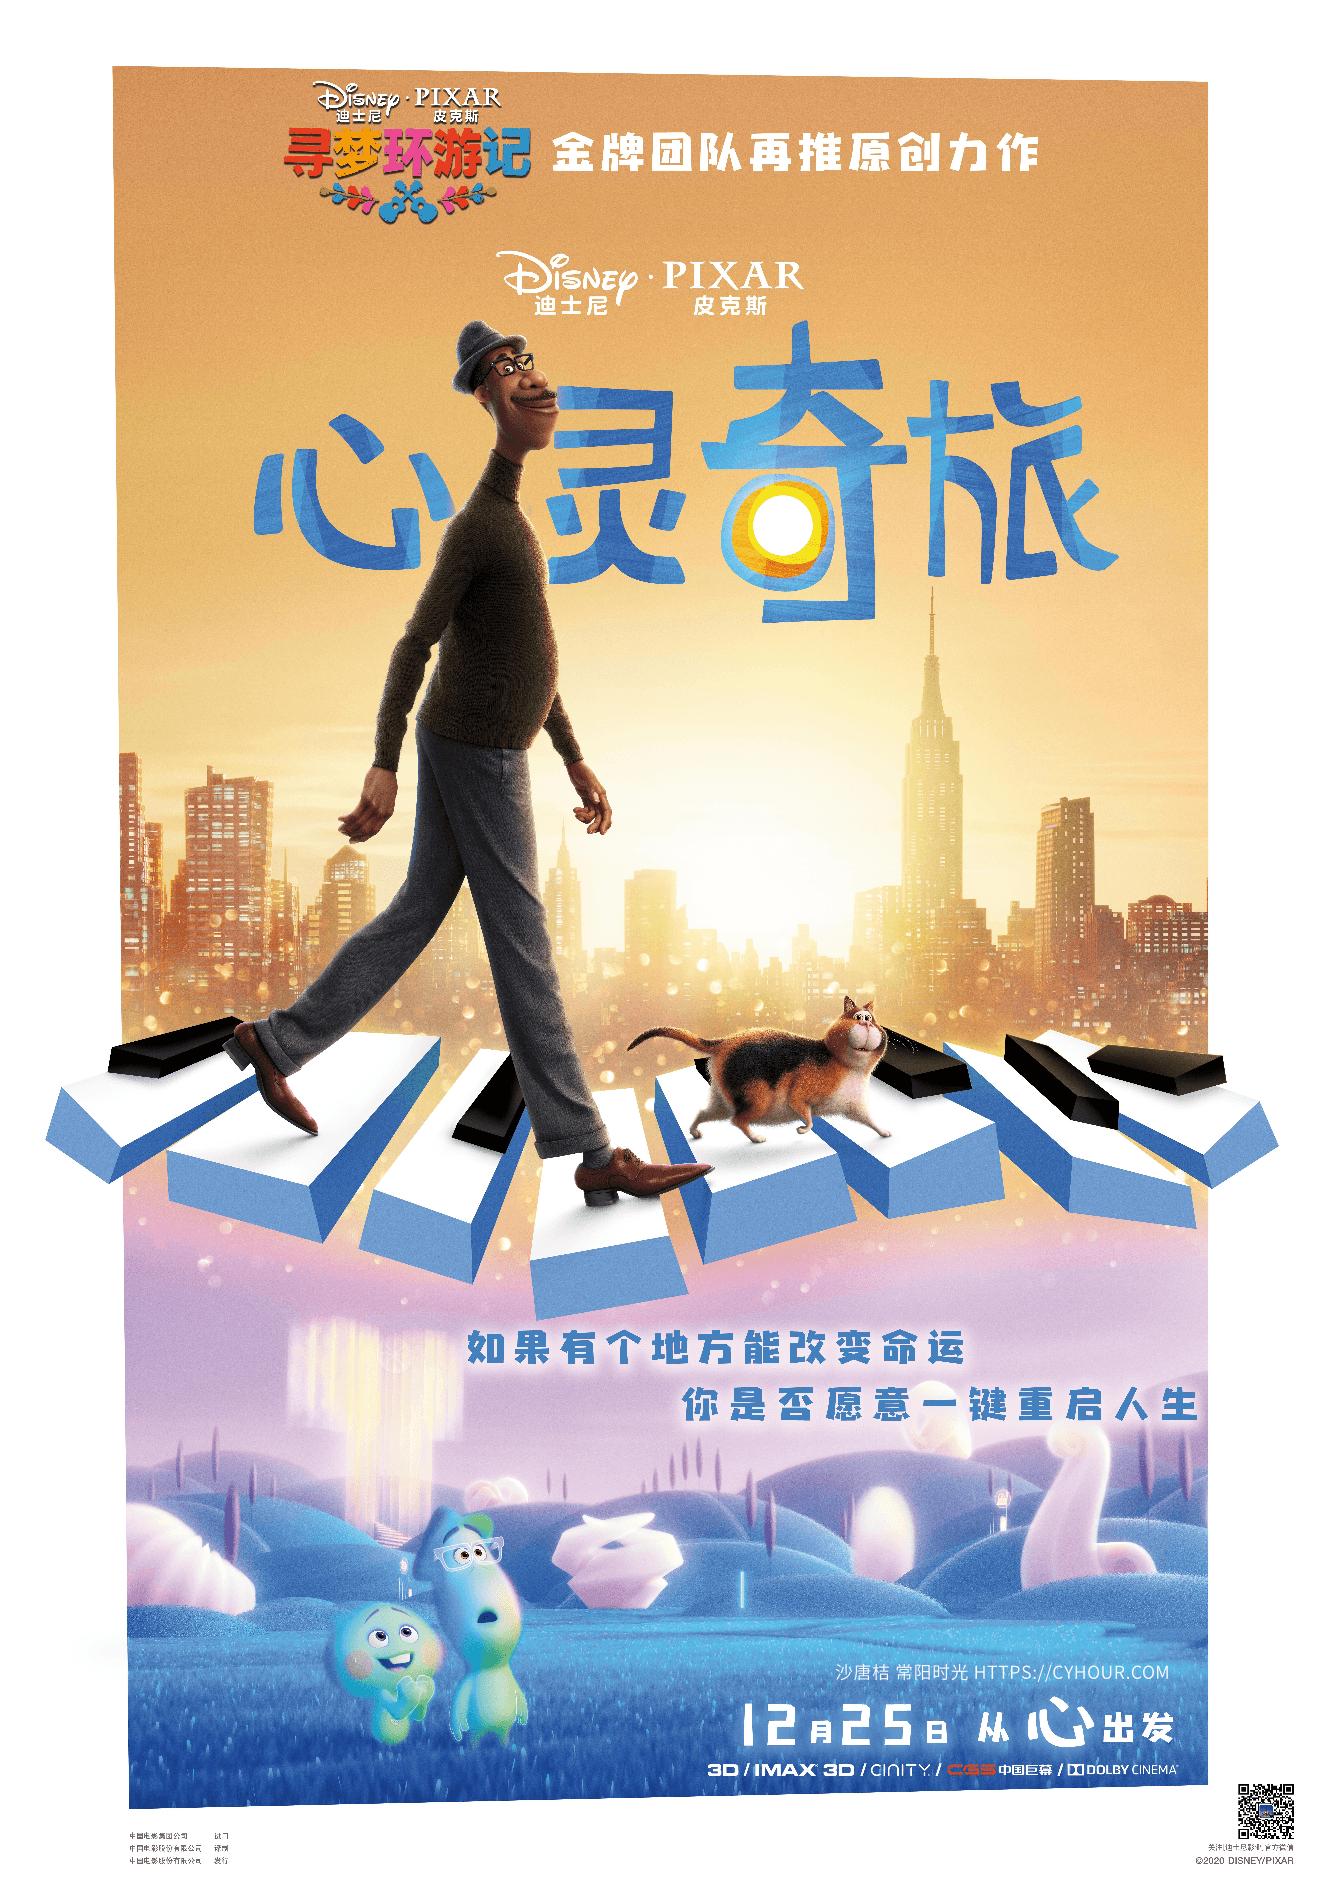 心灵奇旅 Soul (2020) 1080p.2160p 英语中字 BT种子-沙唐桔